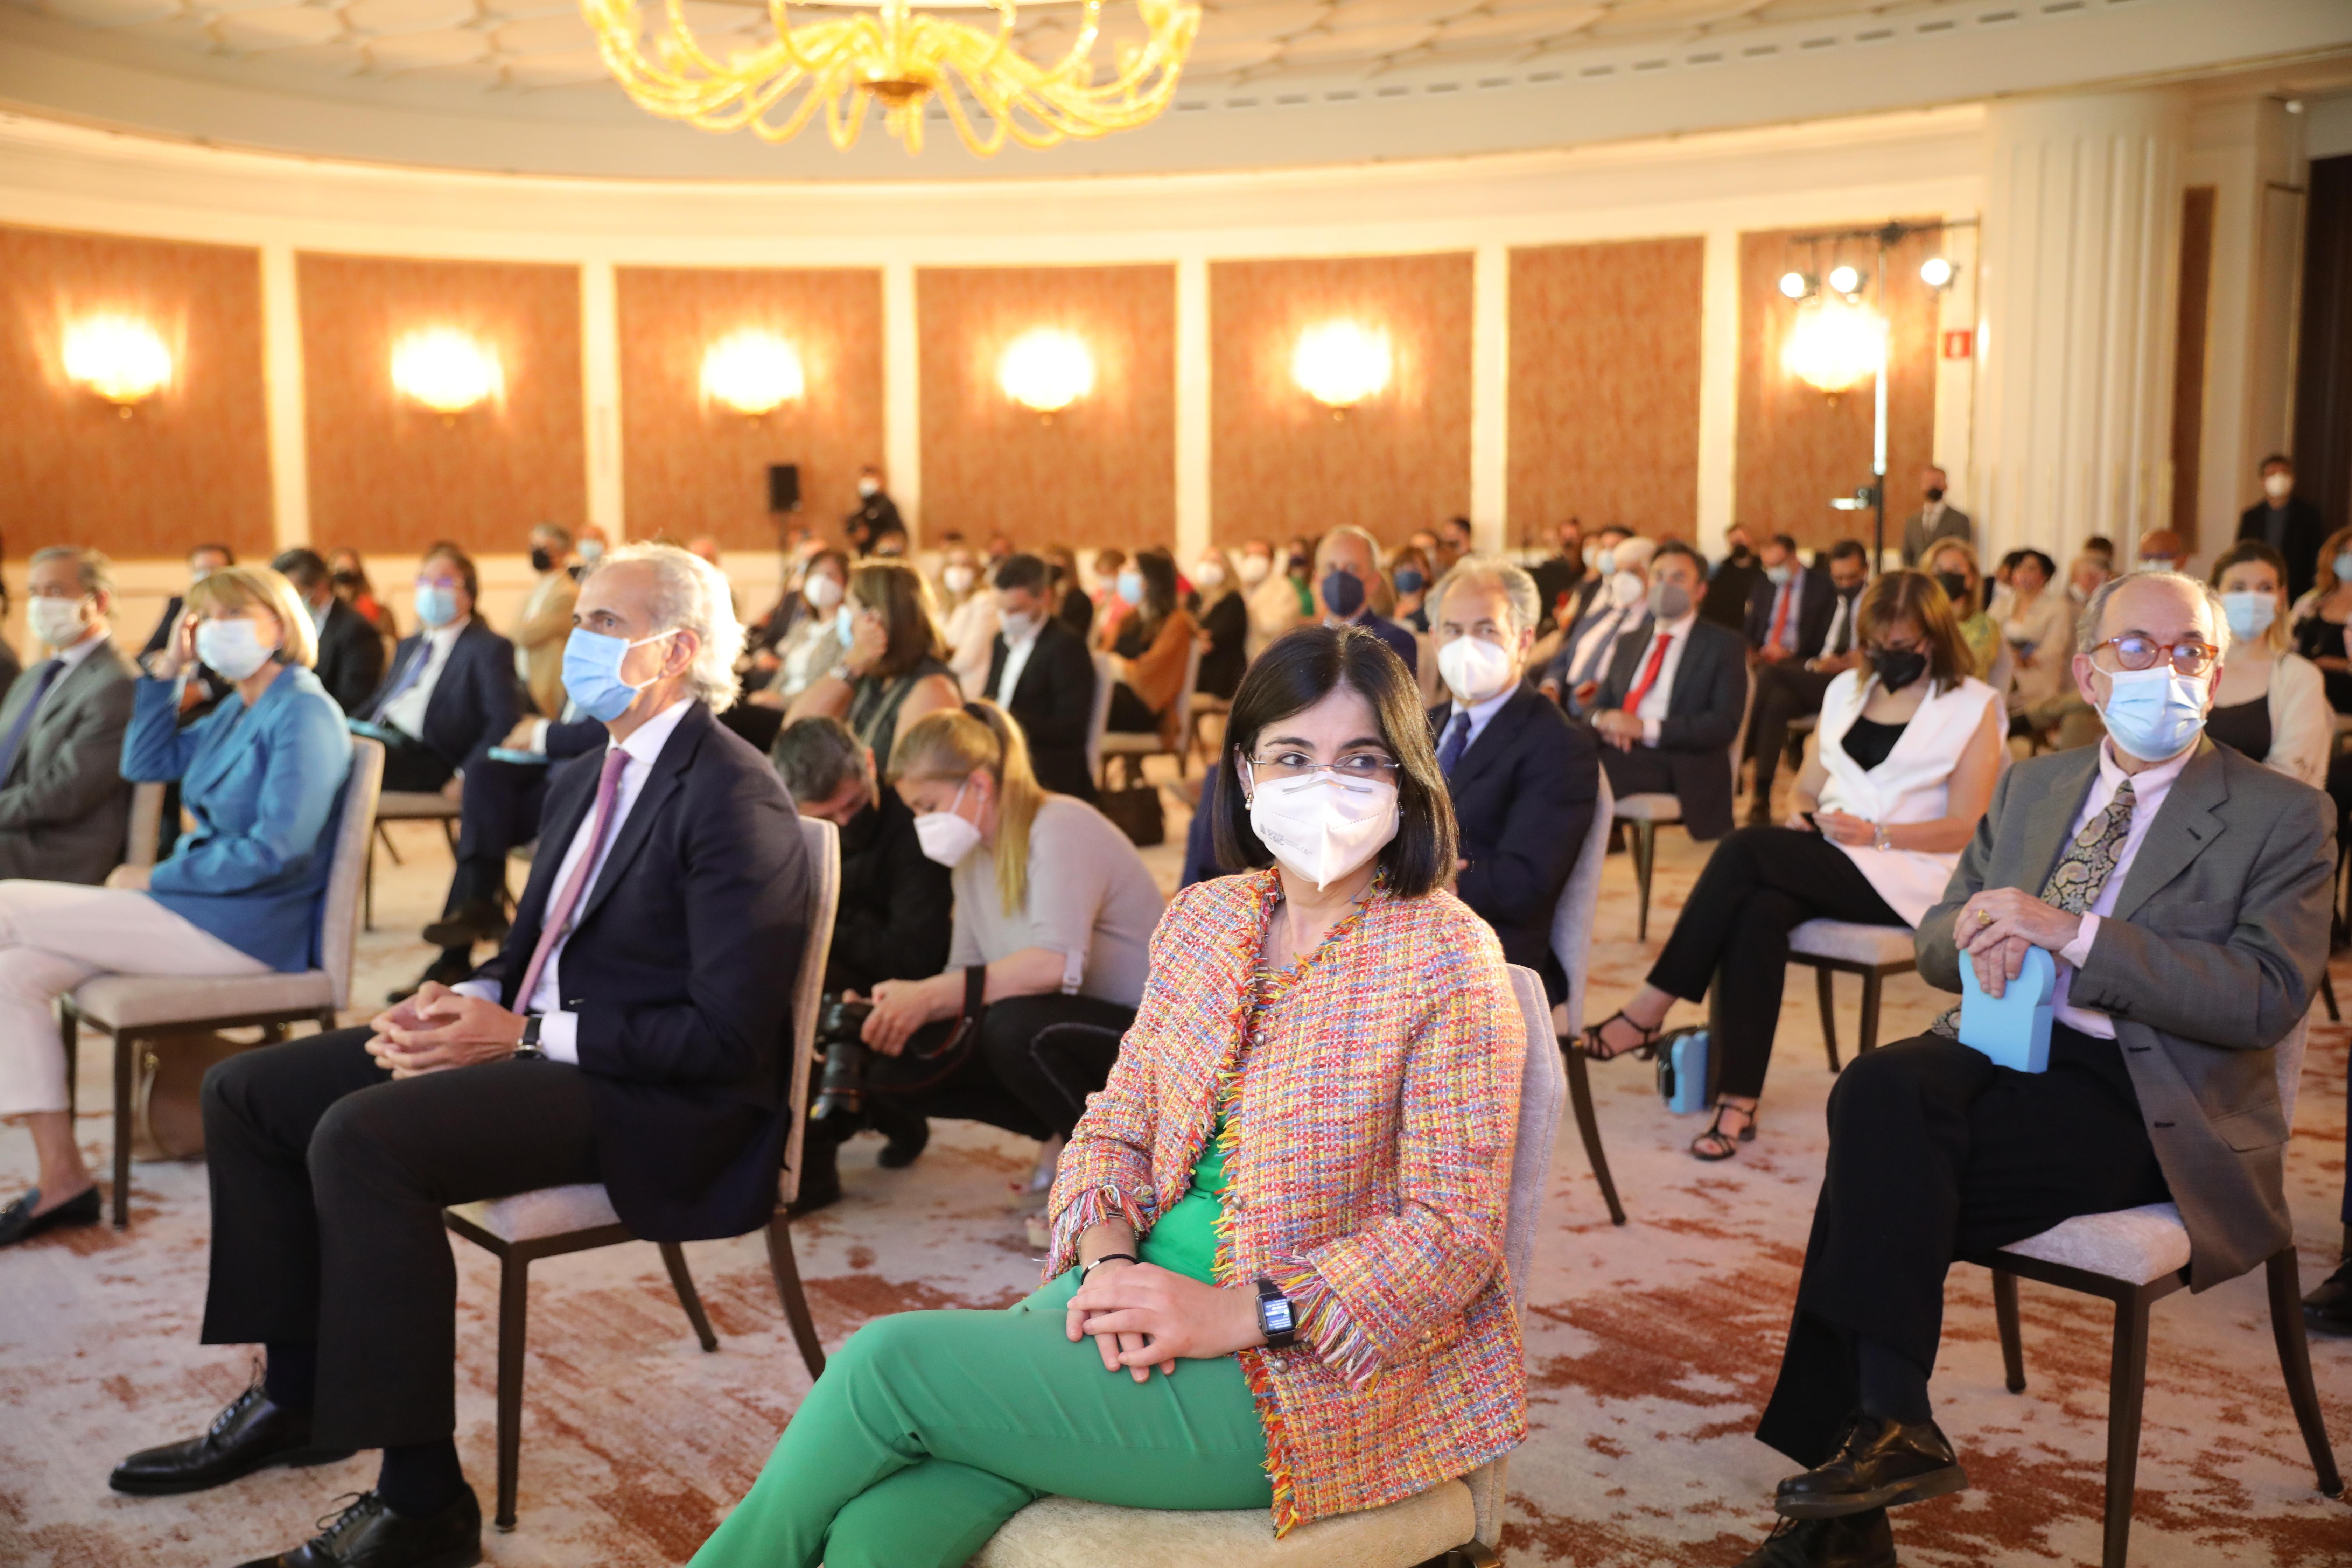 Ceremonia de entrega de los premios Admirables 2021 en el XXIX aniversario de Diario Médico.